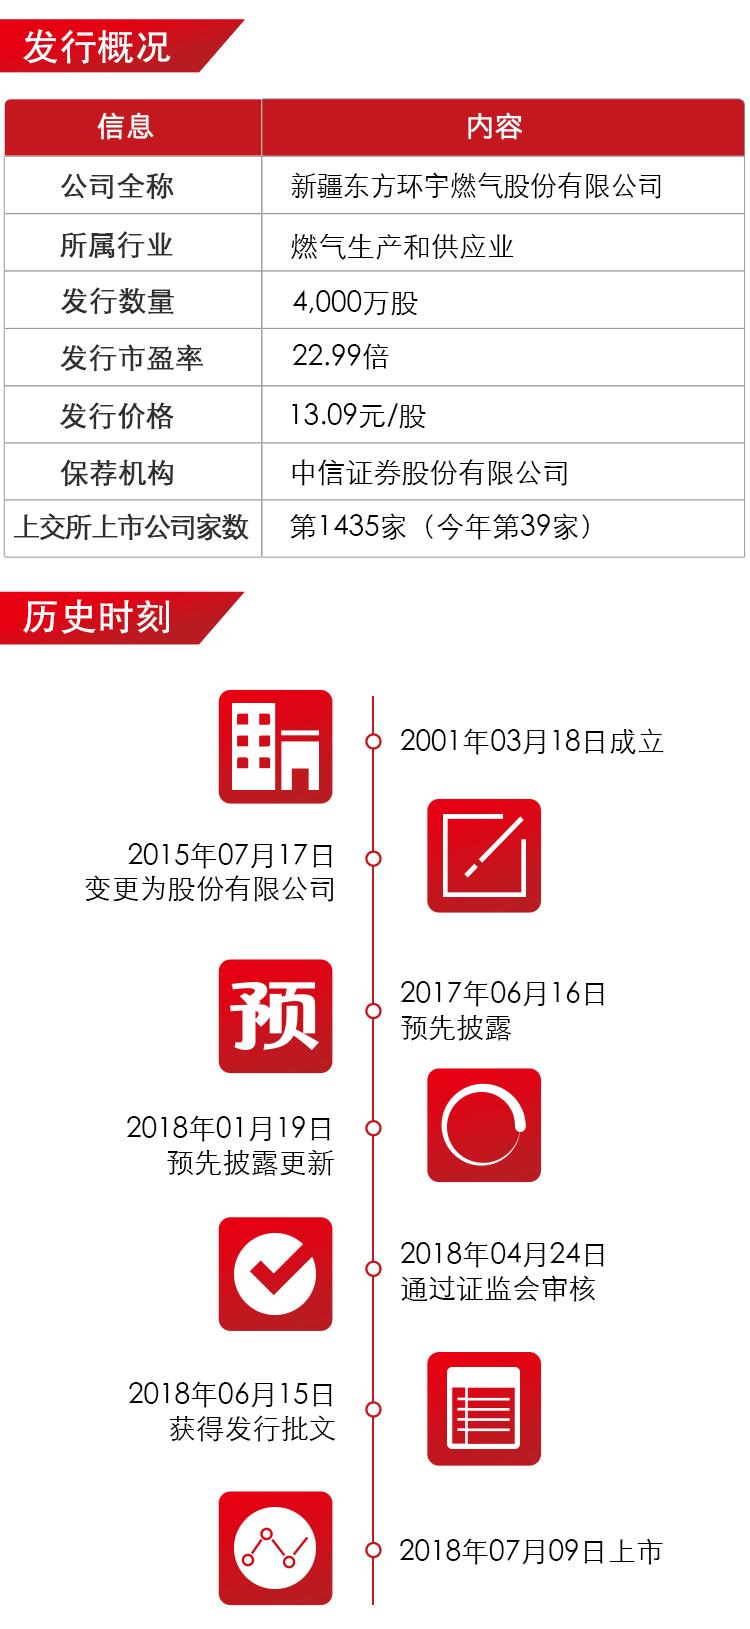 东方环宇上市海报_02.jpg